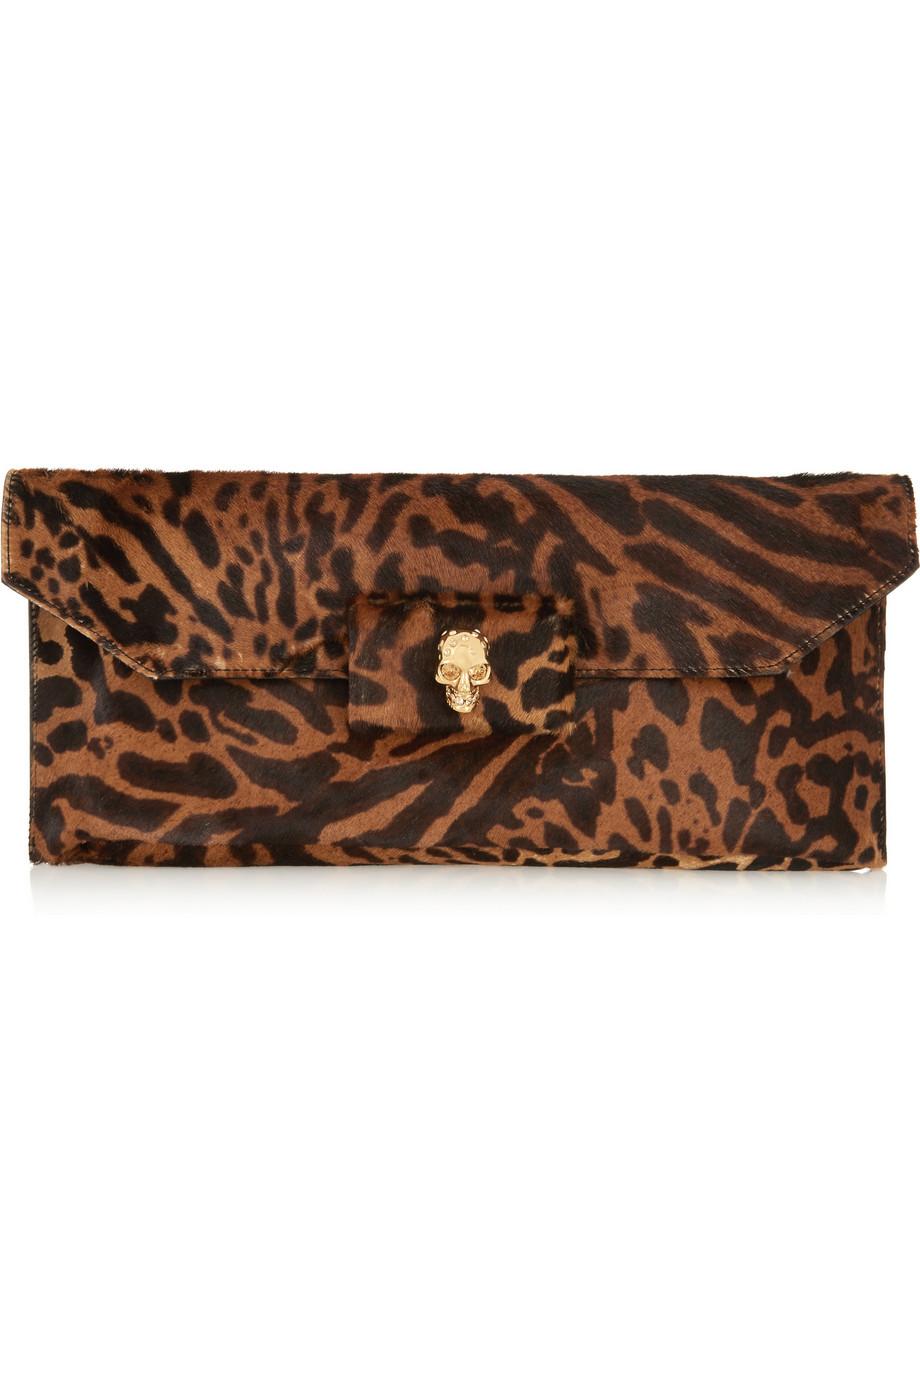 Alexander McQueen Leopard Calf HairClutch $651